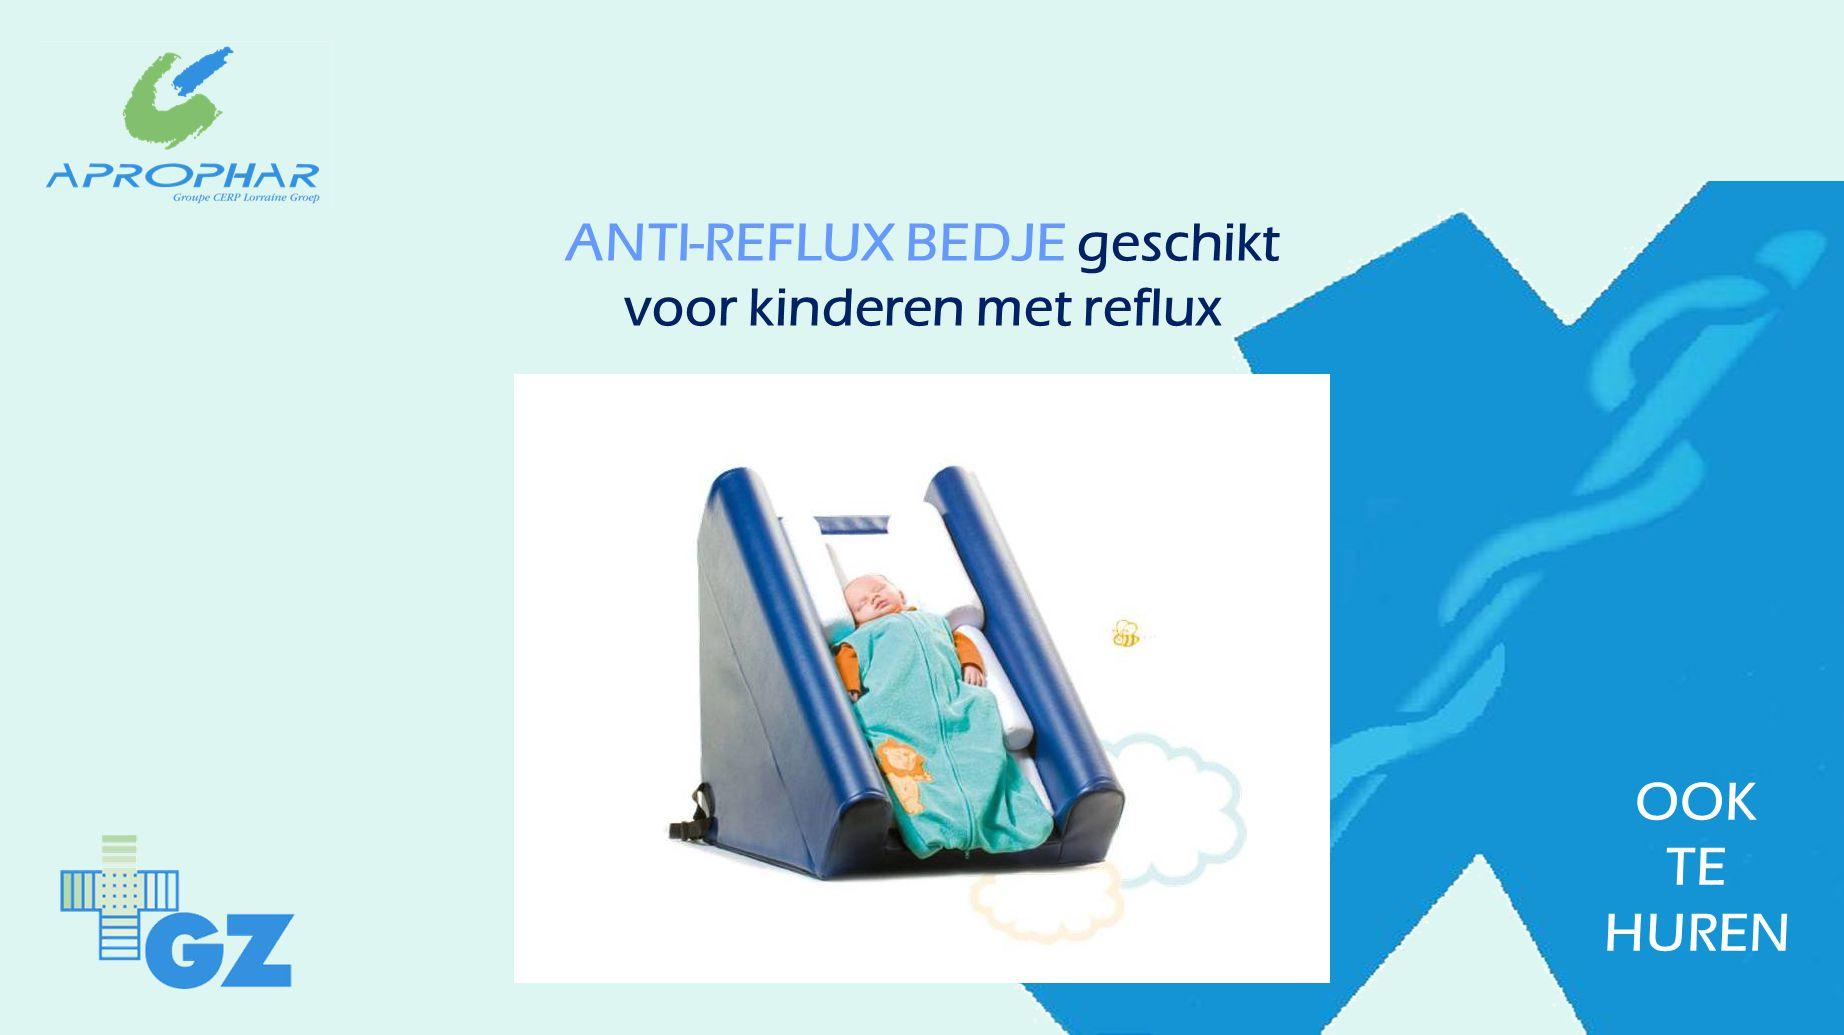 ANTI-REFLUX BEDJE geschikt voor kinderen met reflux OOK TE HUREN